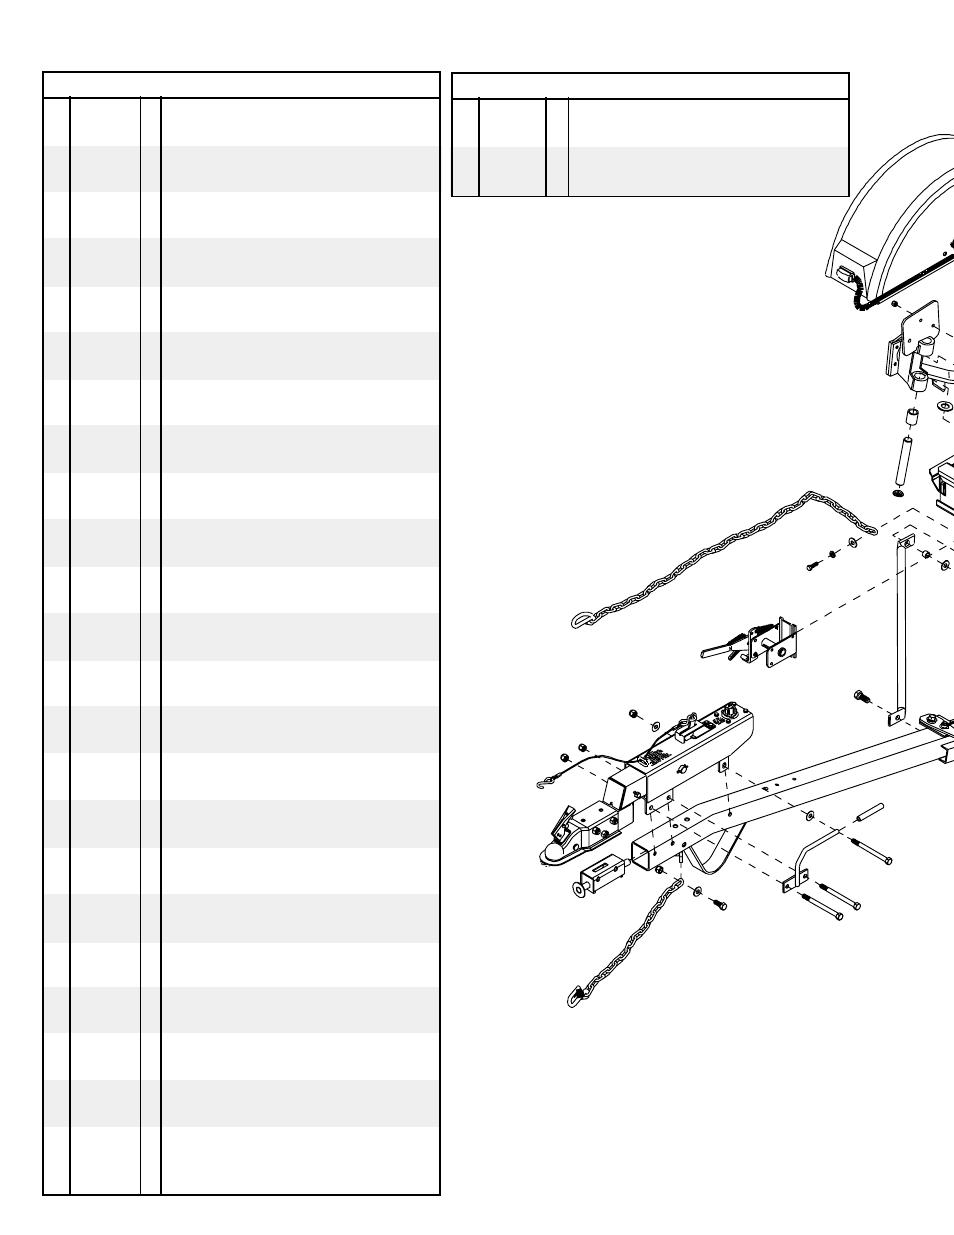 kk370sb parts breakdown demco kar kaddy 3 kk370sb user manual rh manualsdir com Demco Saddle Tanks Demco Tow Dolly